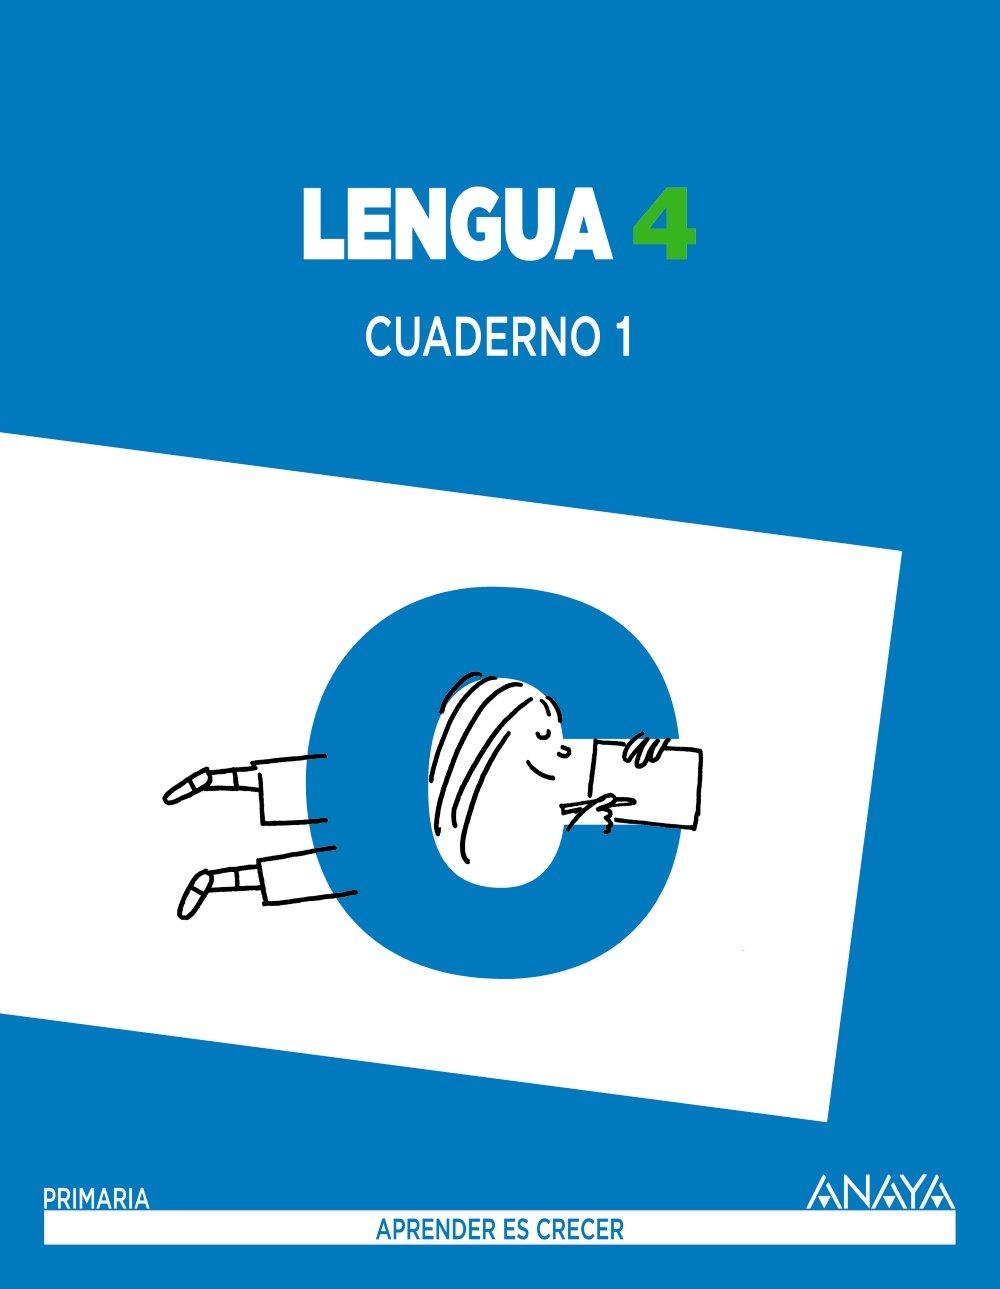 Lengua 4. Cuaderno 1. Aprender es crecer - 9788467877564: Amazon.es ...